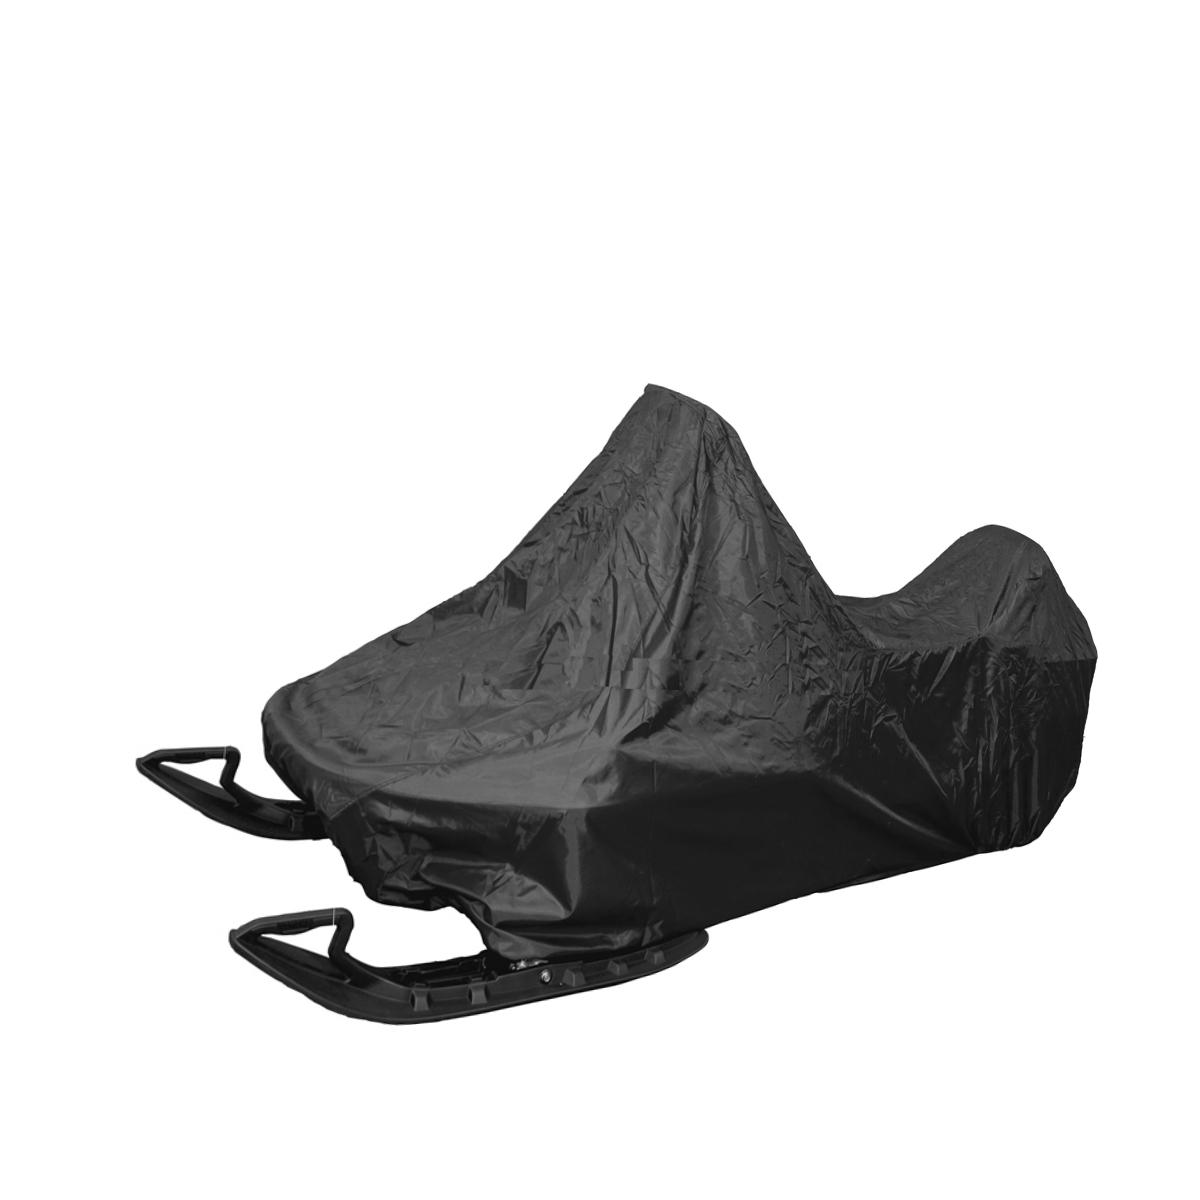 Чехол AG-brand, для снегохода Yamaha Viking 540, цвет: черныйAG-YAM-SMB-VK540-SCЧехол AG-brand предназначен для хранения и транспортировки снегохода Yamaha Viking 540. Он изготовлен из высокопрочной прочной ткани с высоким показателем водоупорности. По нижней кромке чехла вшита плотная резинка, обеспечивающая надежную фиксацию. В комплект транспортировочного чехла входит прочная текстильная стропа для крепления техники в прицепе или специальном боксе для перевозки.Чтобы любое транспортное средство служило долгие годы, необходимо не только соблюдать все правила его эксплуатации, но и правильно его хранить. Негативное влияние на состояние техники оказывают прямые солнечные лучи, влага, пыль, которые не только могут вызвать коррозию внешних металлических поверхностей, но и вывести из строя внутренние механизмы транспортных средств. Необходимо создать условия для снижения воздействия этих негативных факторов. Именно для этого и предназначены чехлы. Мешок для транспортировки и хранения входит в комплект.